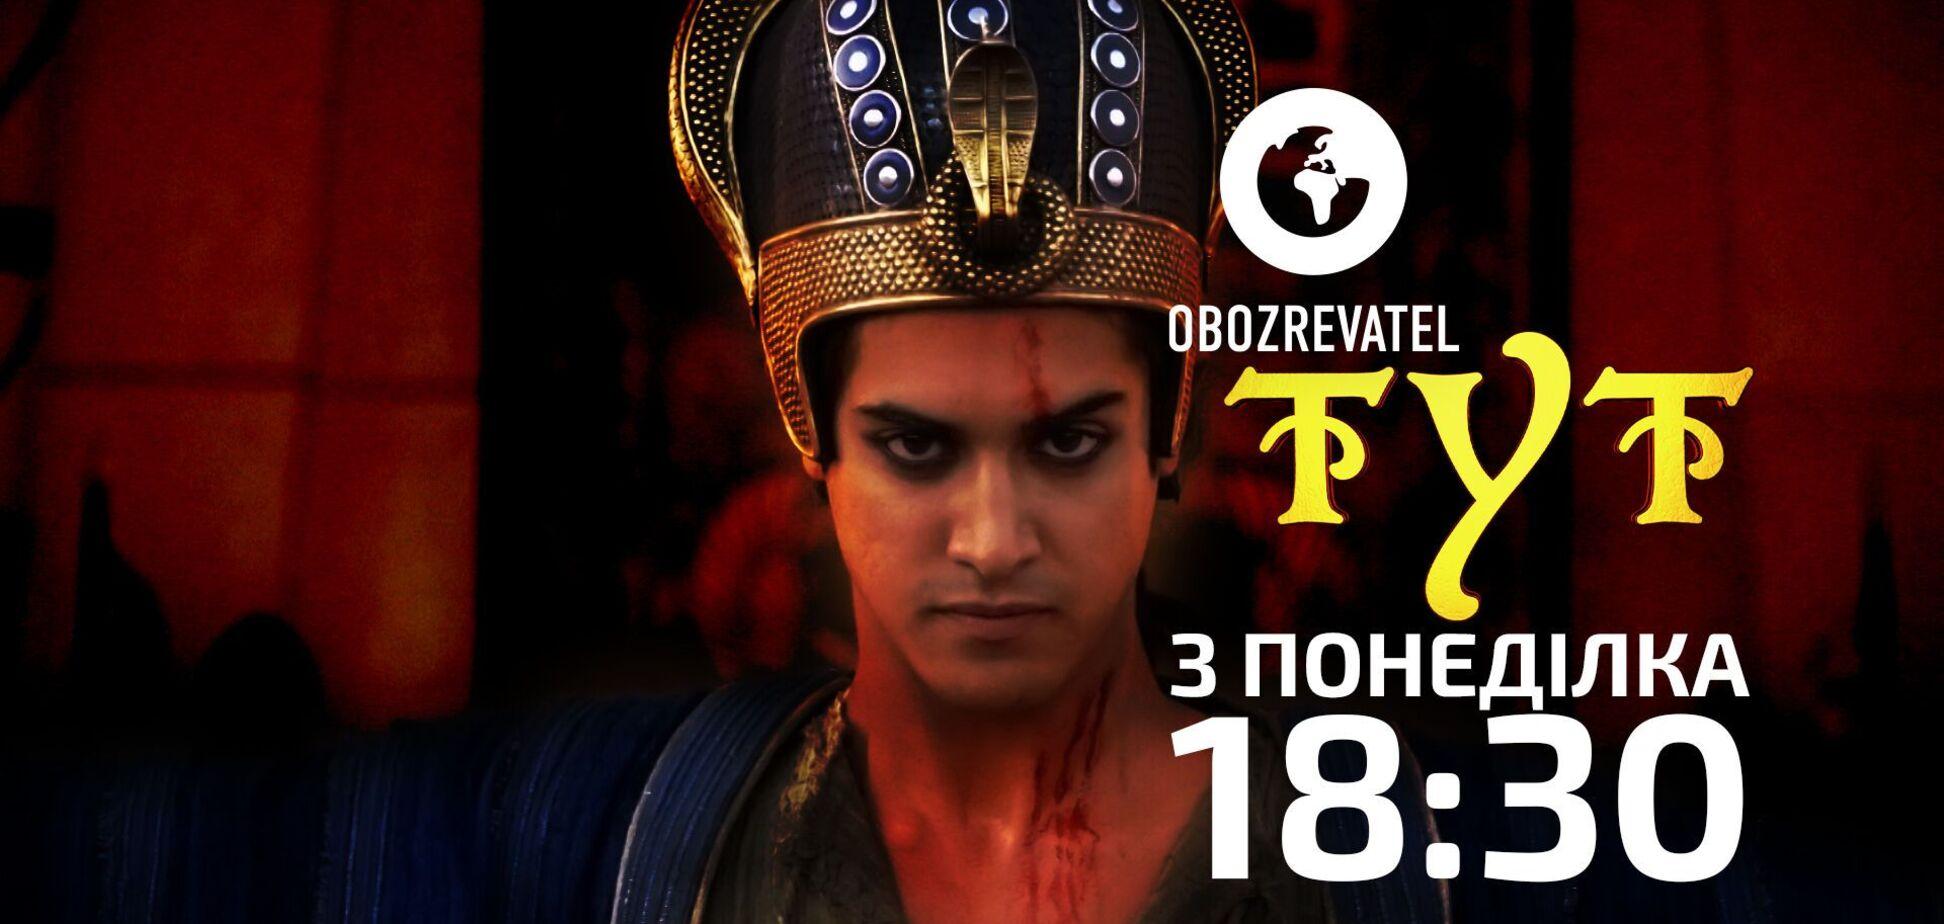 Исторический сериал 'Тут' на OBOZREVATEL с понедельника в 19:20